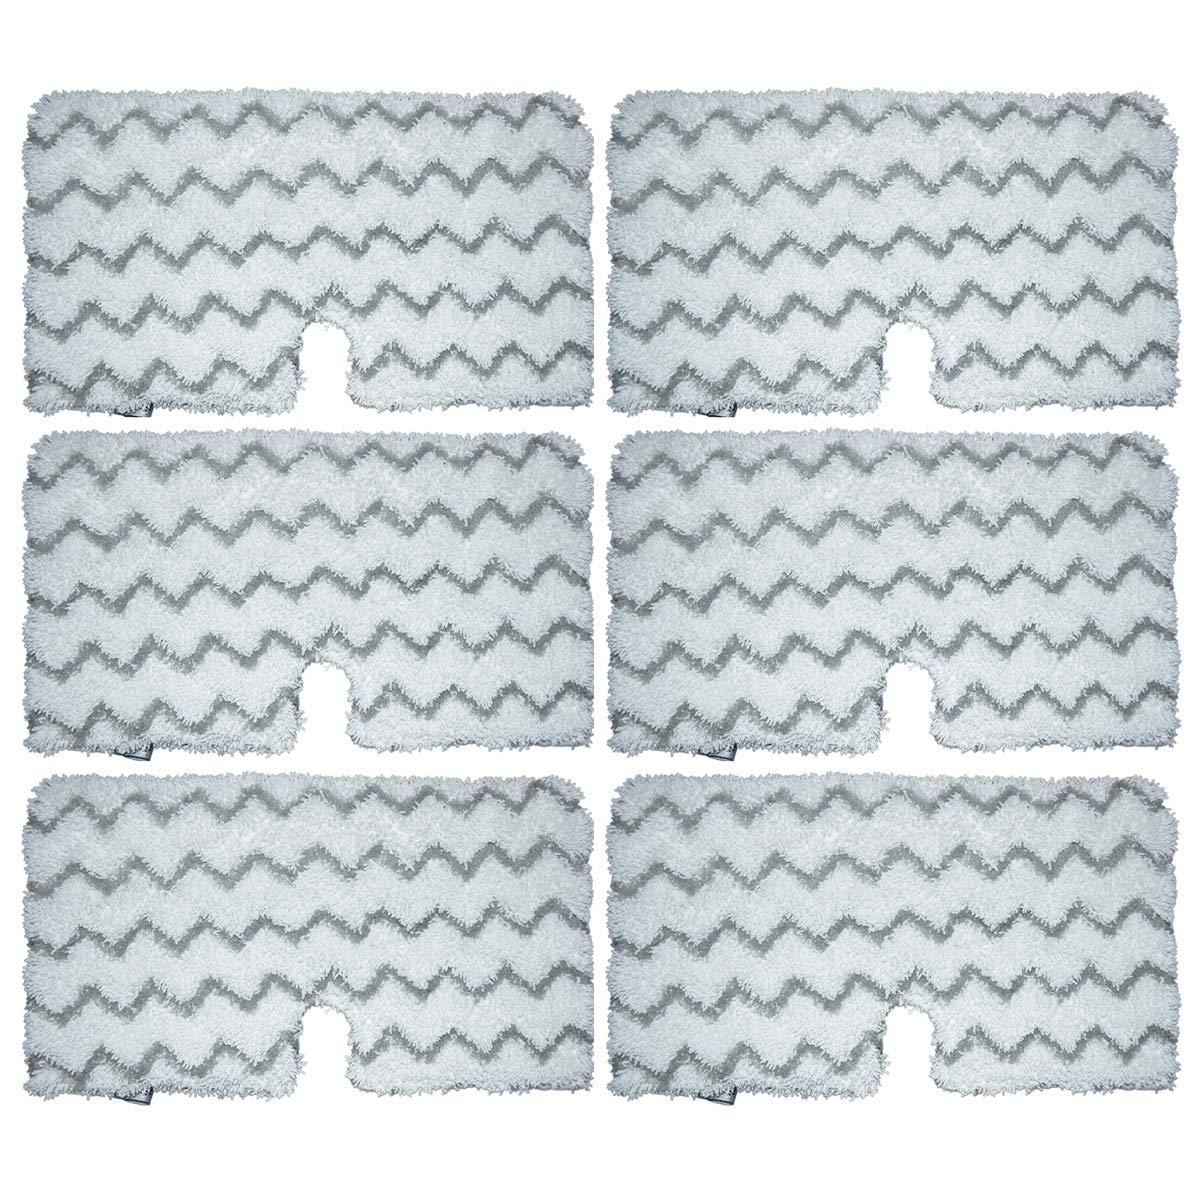 スチームモップパッド Shark S3501 S3601 S3601D S3801 S3901 S3901D マイクロファイバークリーニングパッド 再利用可能洗濯可能真空パッド 布パッド 掃除機アタッチメント交換用 5個 B07FVDP226